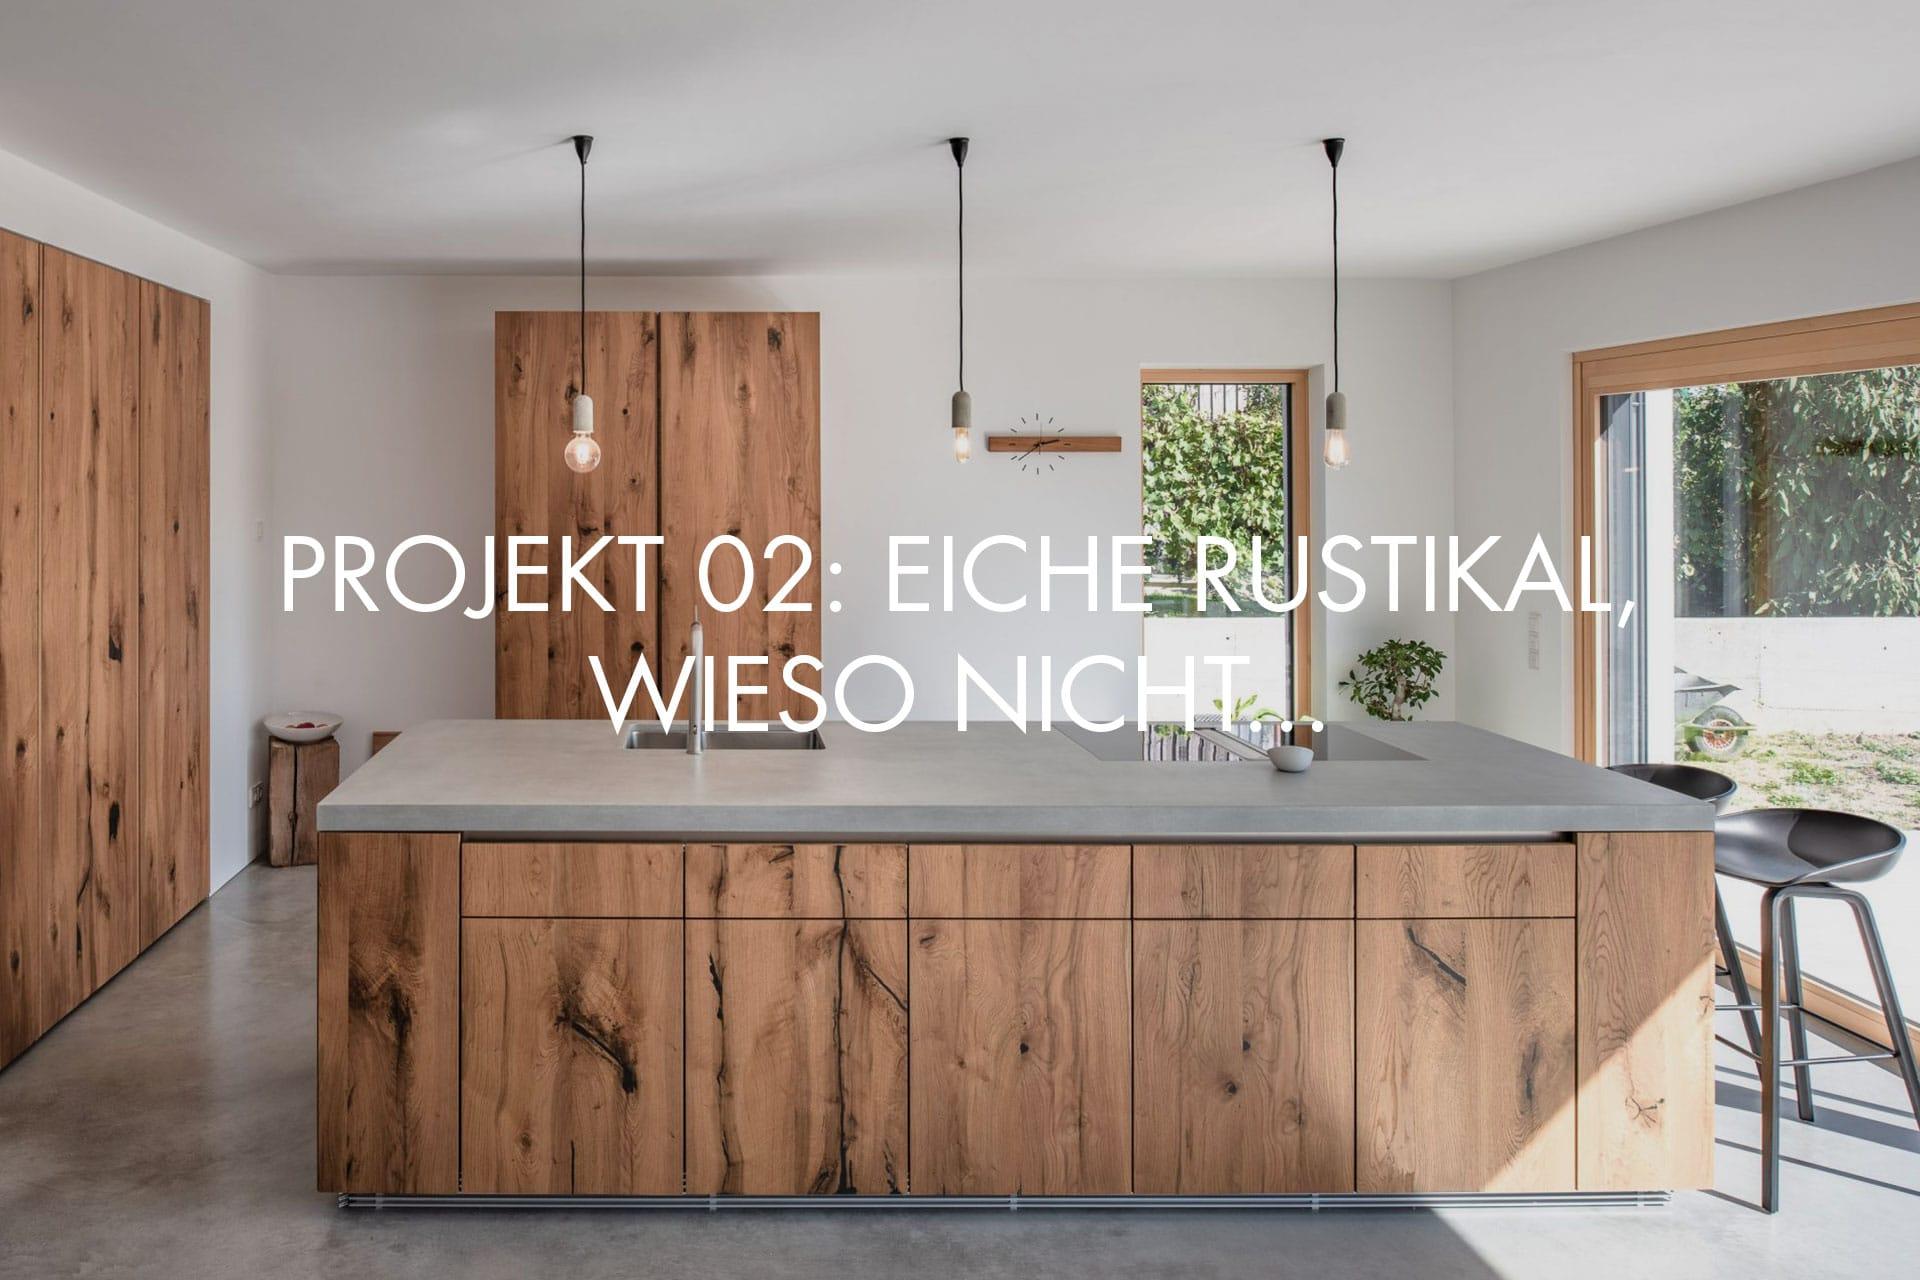 """Küchendesign von VOIT aus Eiche und Beton, im Hintergrund geschlossene Küchenschränke aus Eiche + Schriftzug im Bild """"Projekt 02: Eiche rustikal, wieso nicht..."""""""